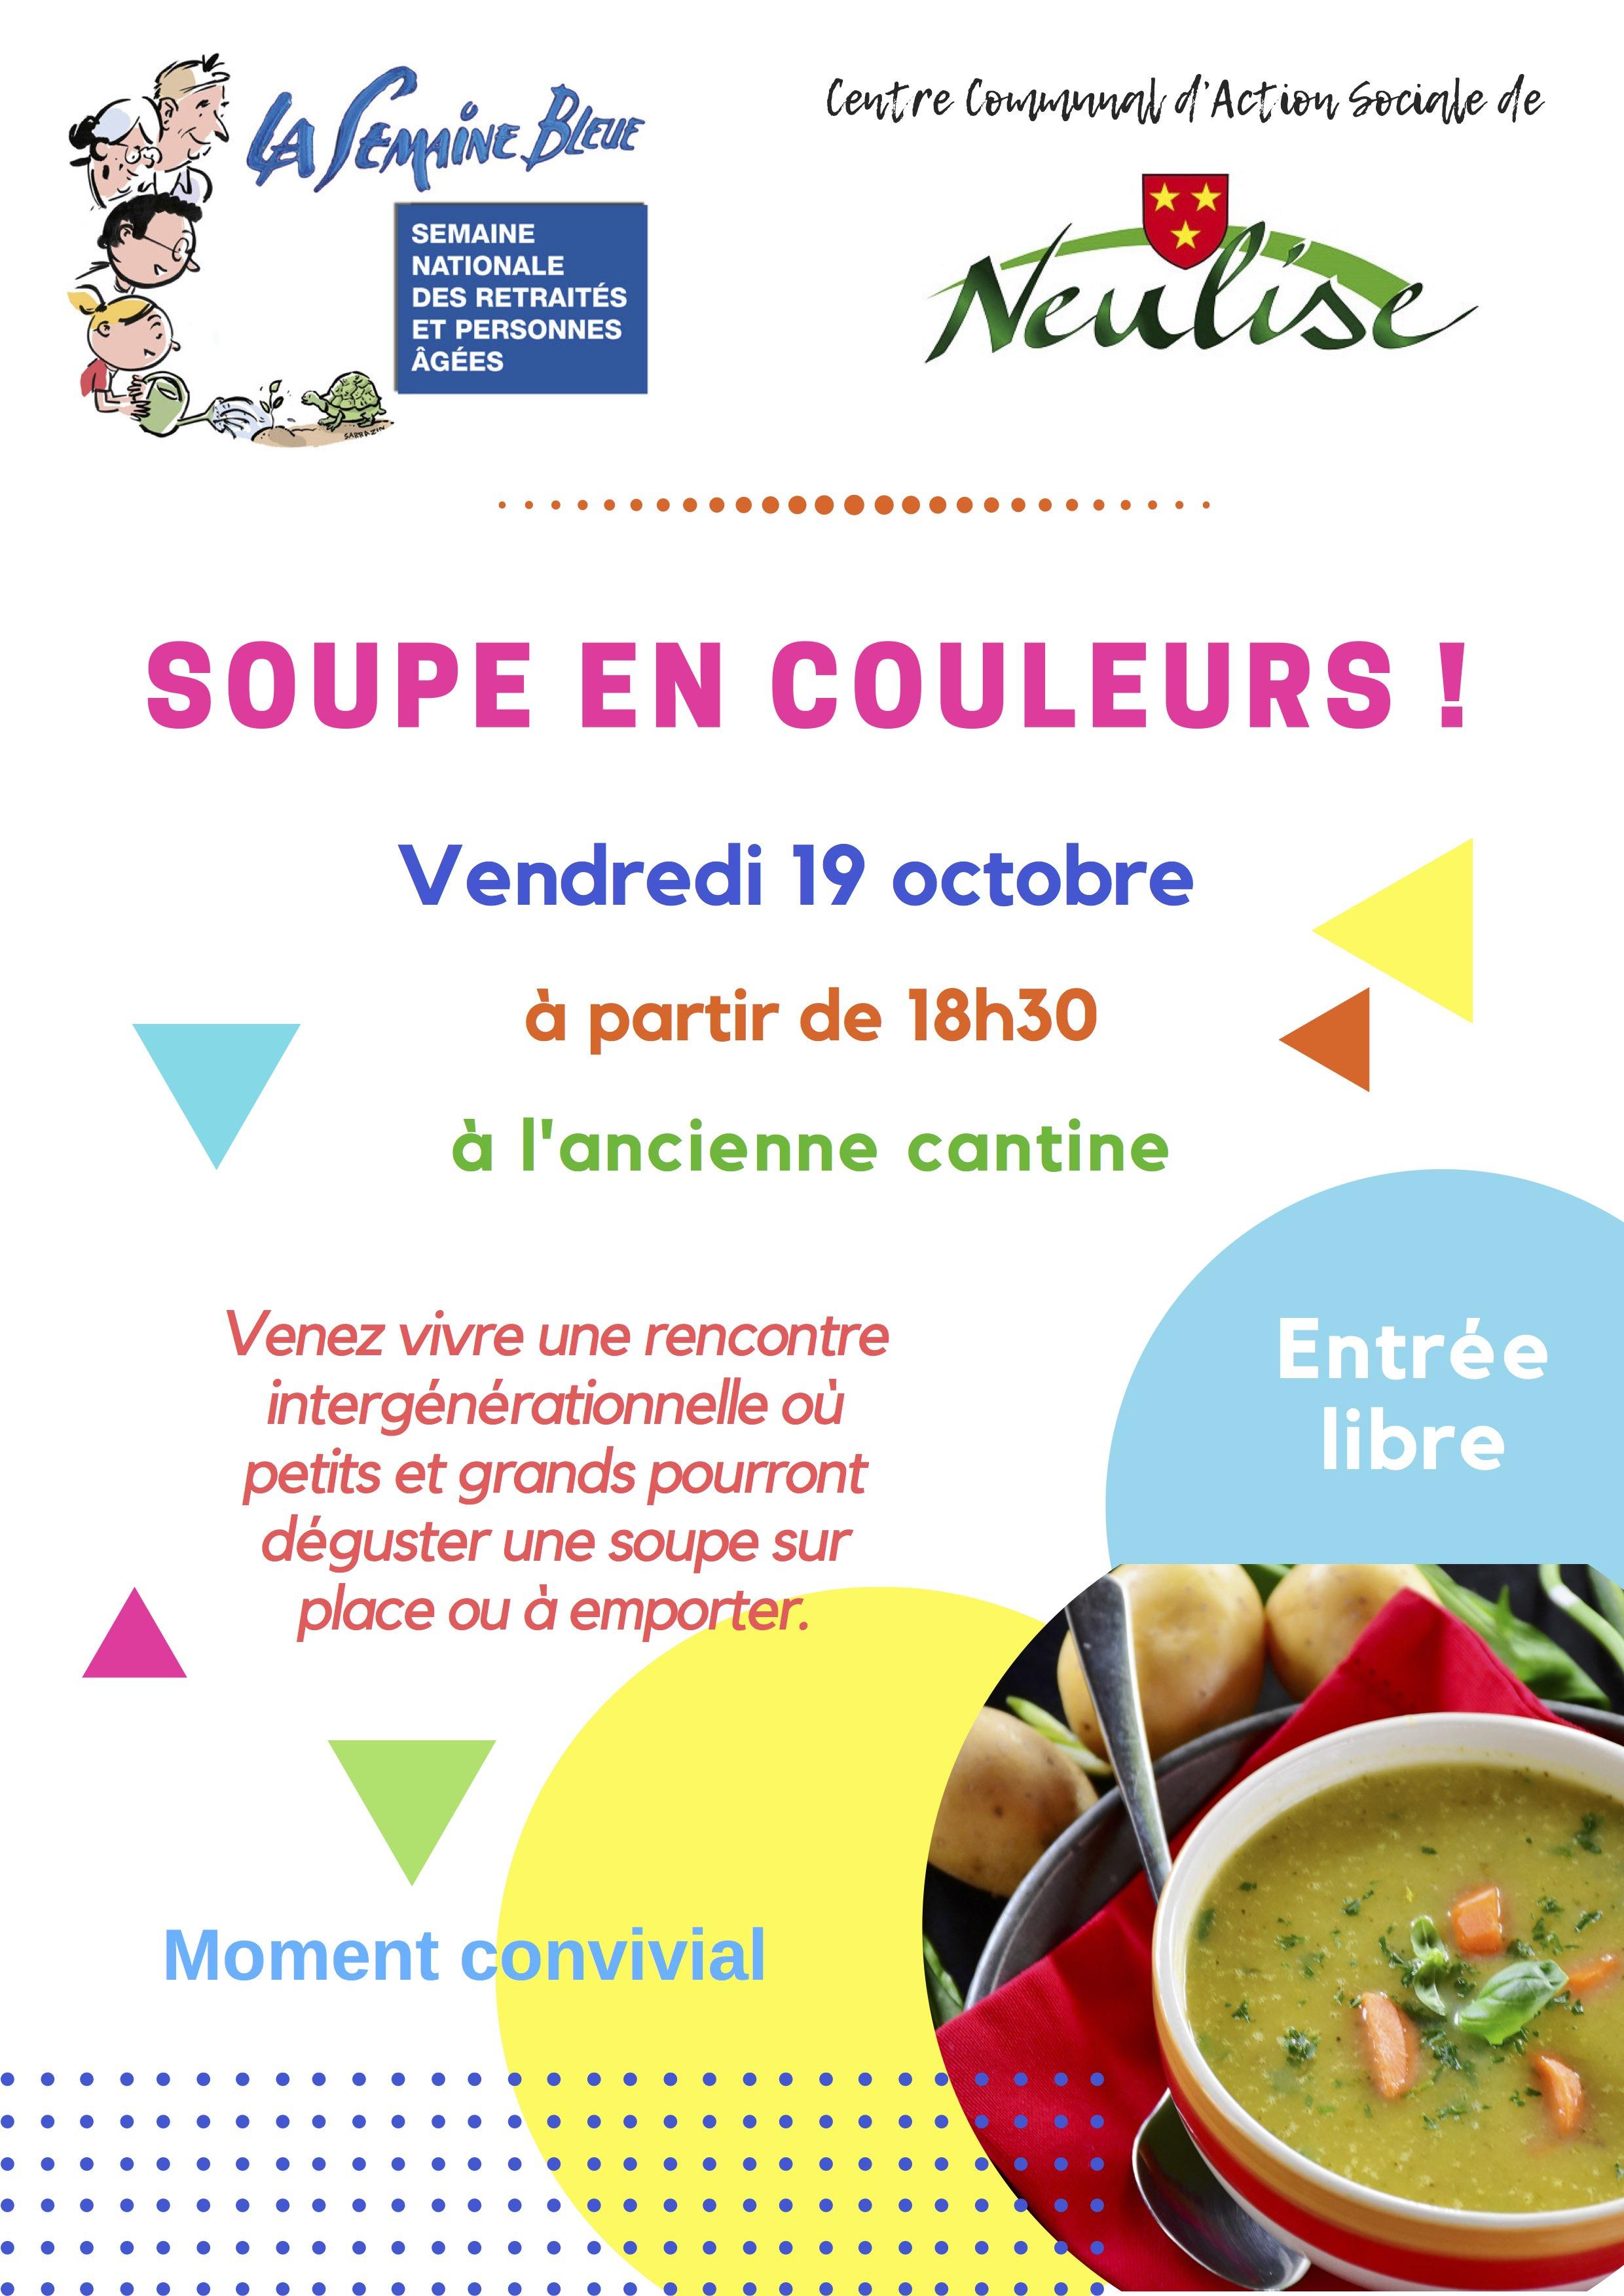 Soupe en couleurs pour la semaine bleue à Neulise